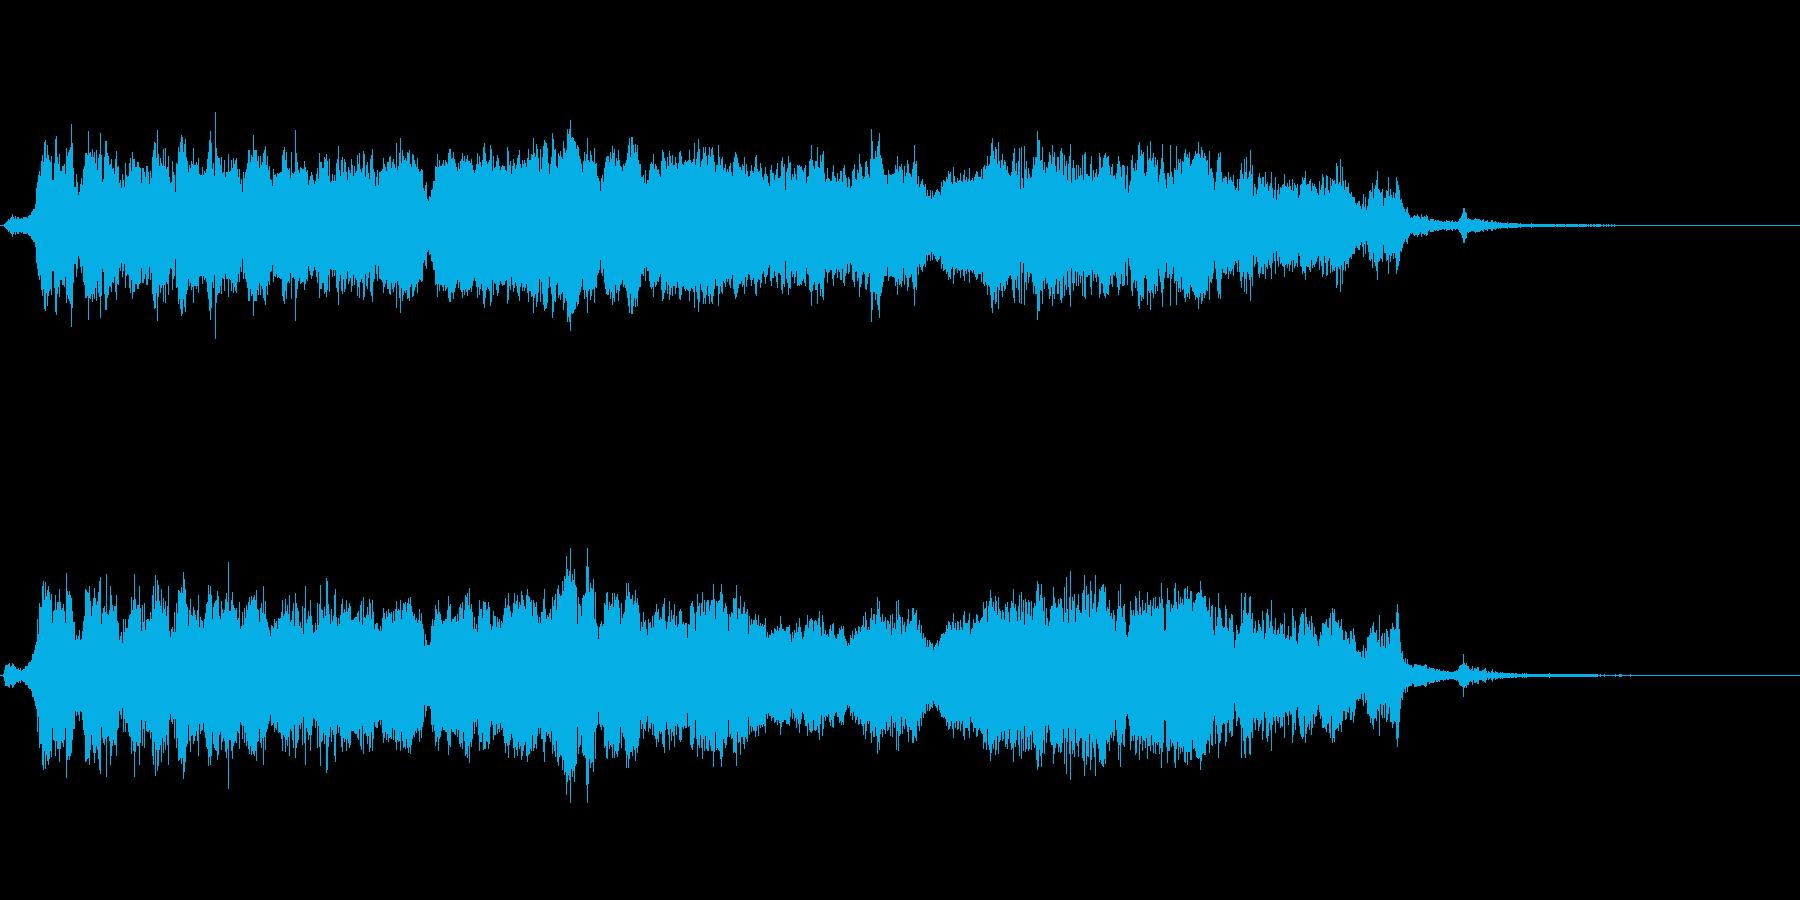 ギギギー(激しいノイズの金属音)の再生済みの波形